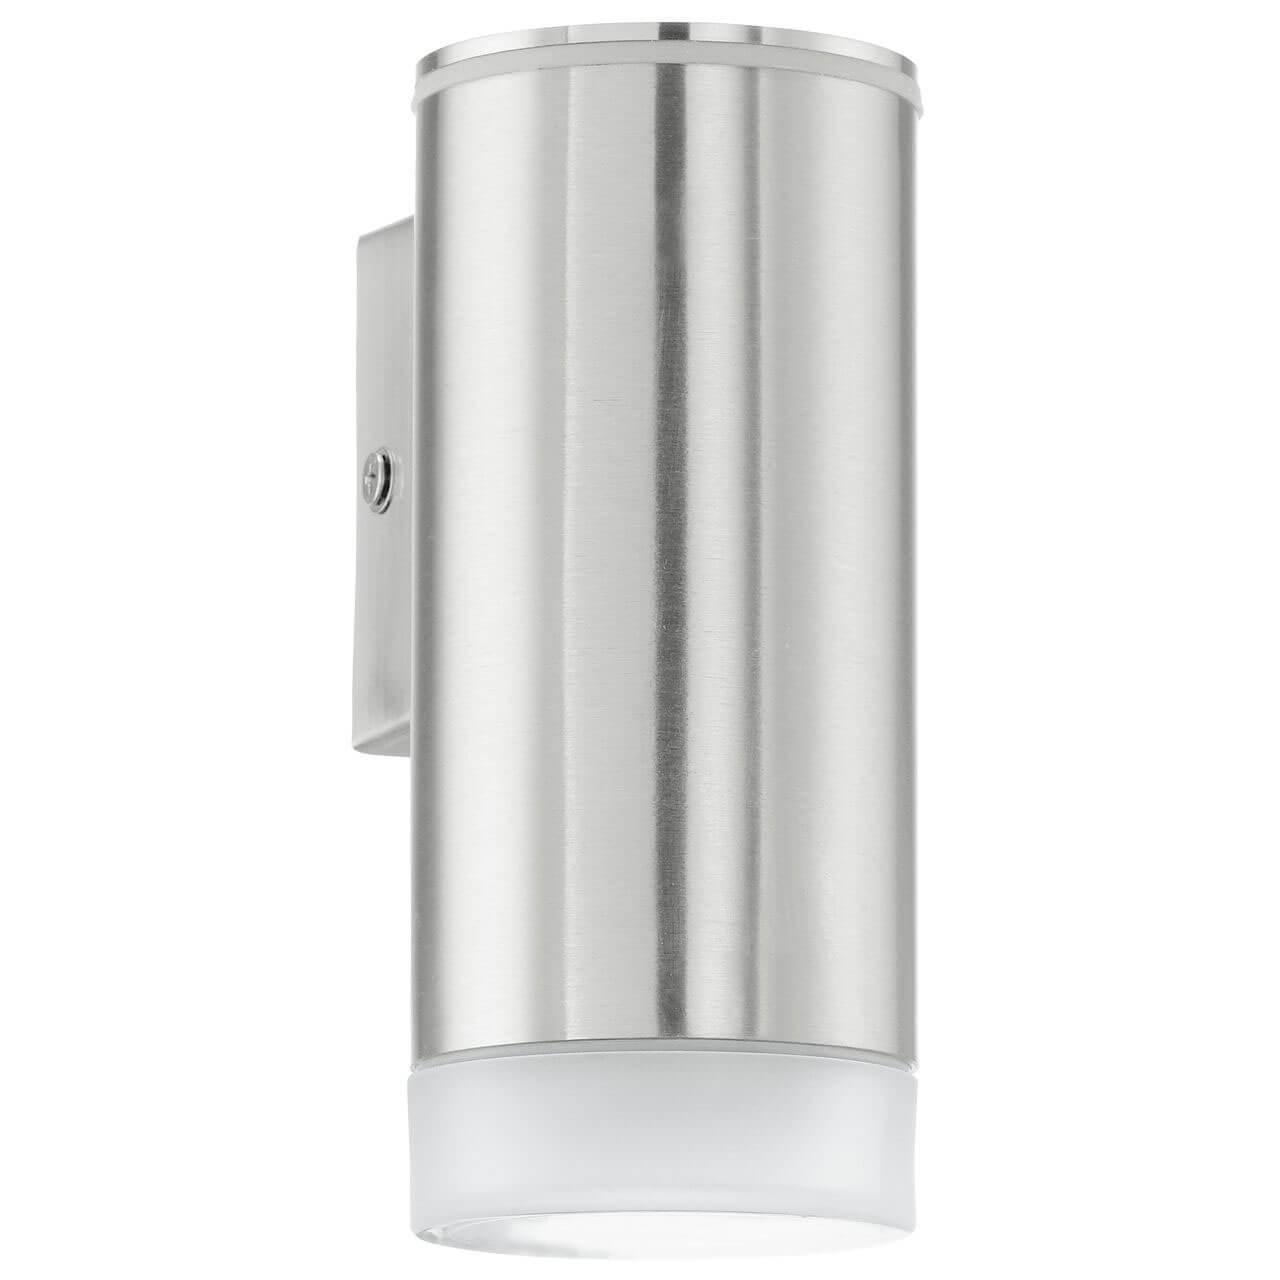 Уличный светильник Eglo 92735, GU10 все цены